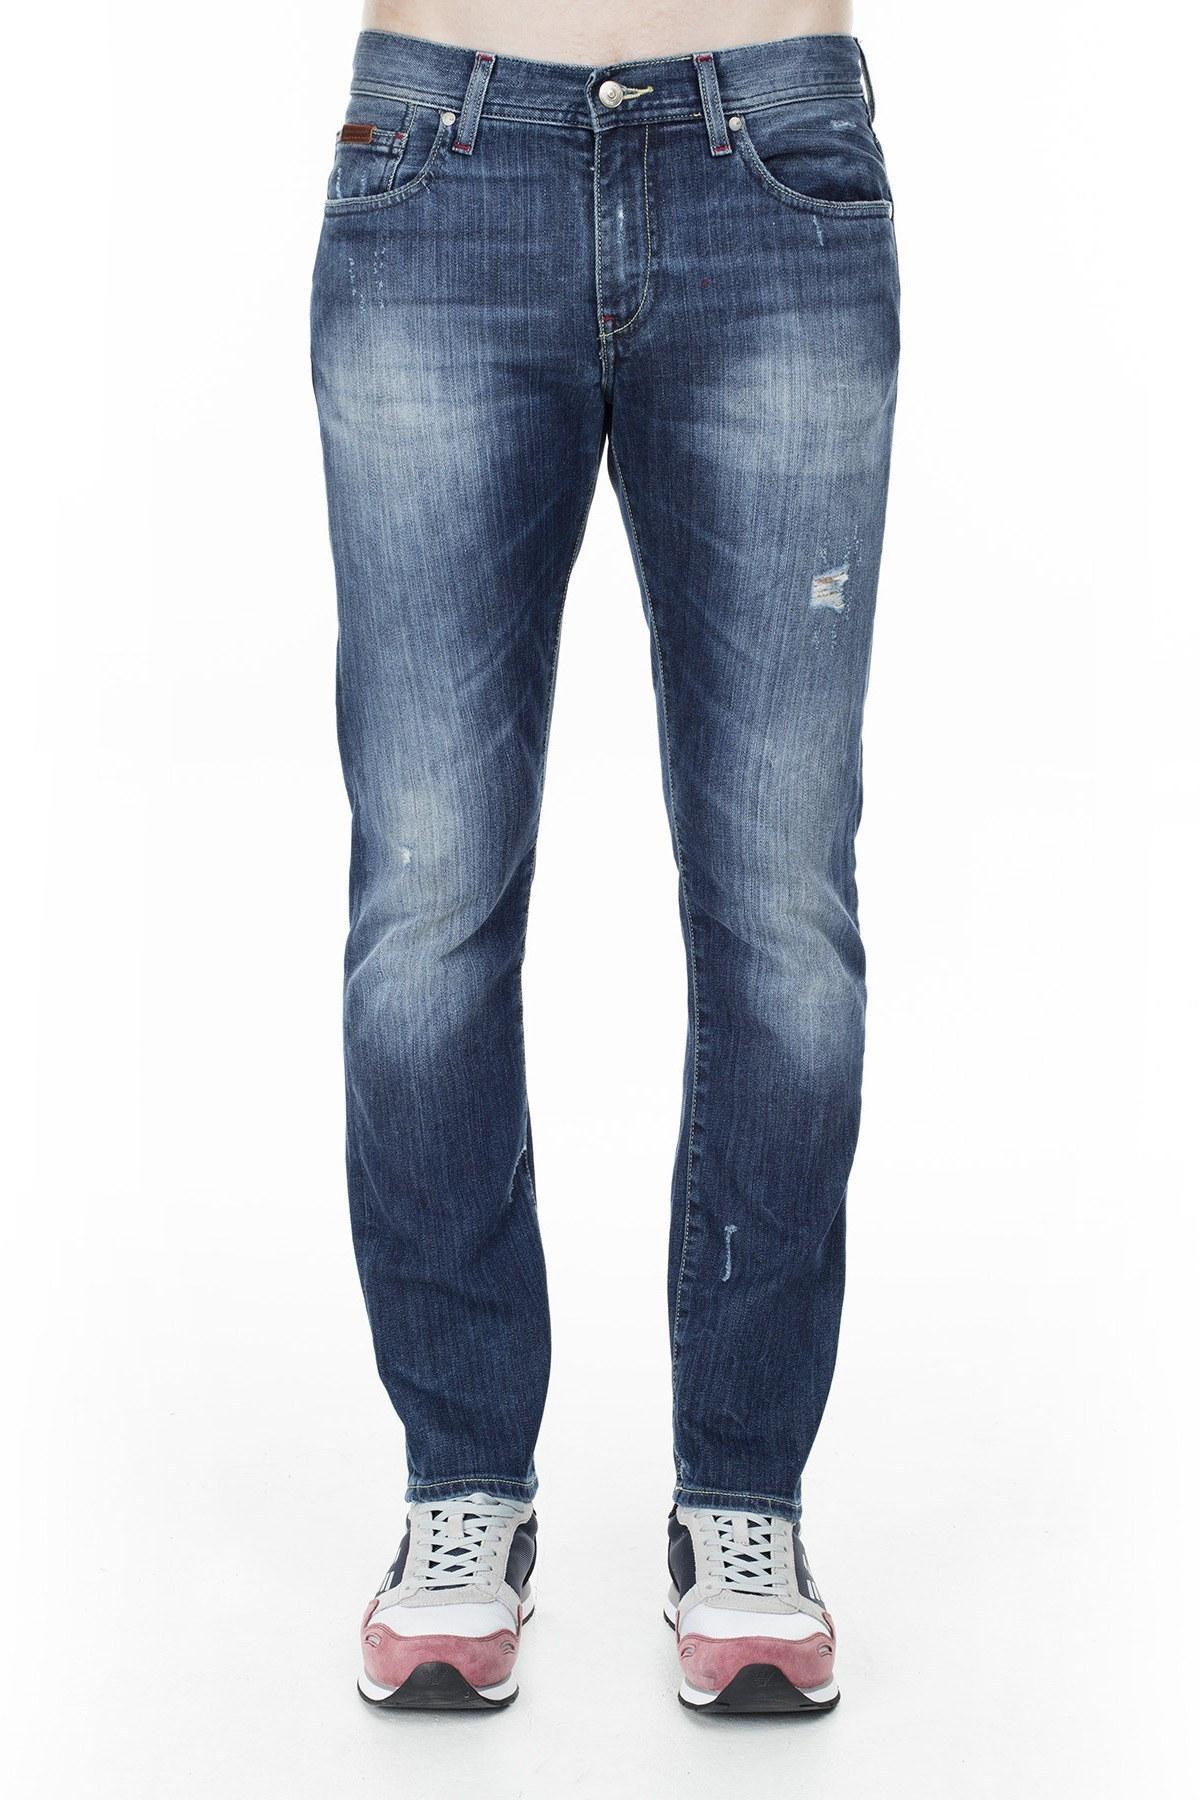 Armani Exchange J13 Jeans Erkek Kot Pantolon 6GZJ13 Z1RMZ 1500 LACİVERT